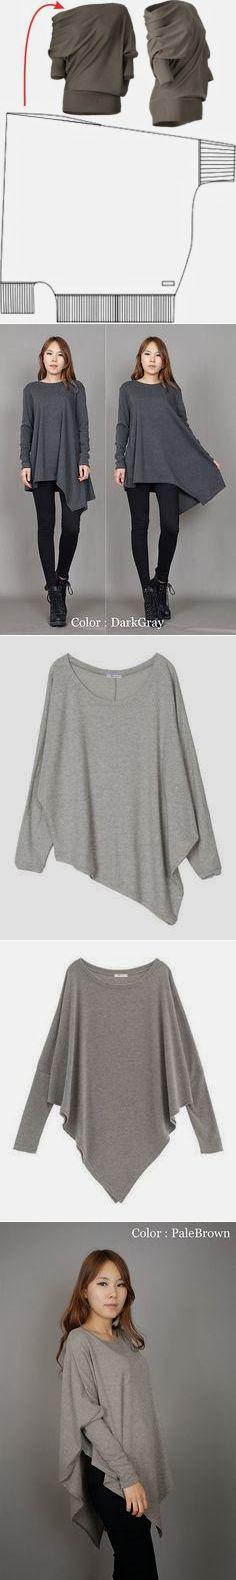 Простые выкройки модных блузонов